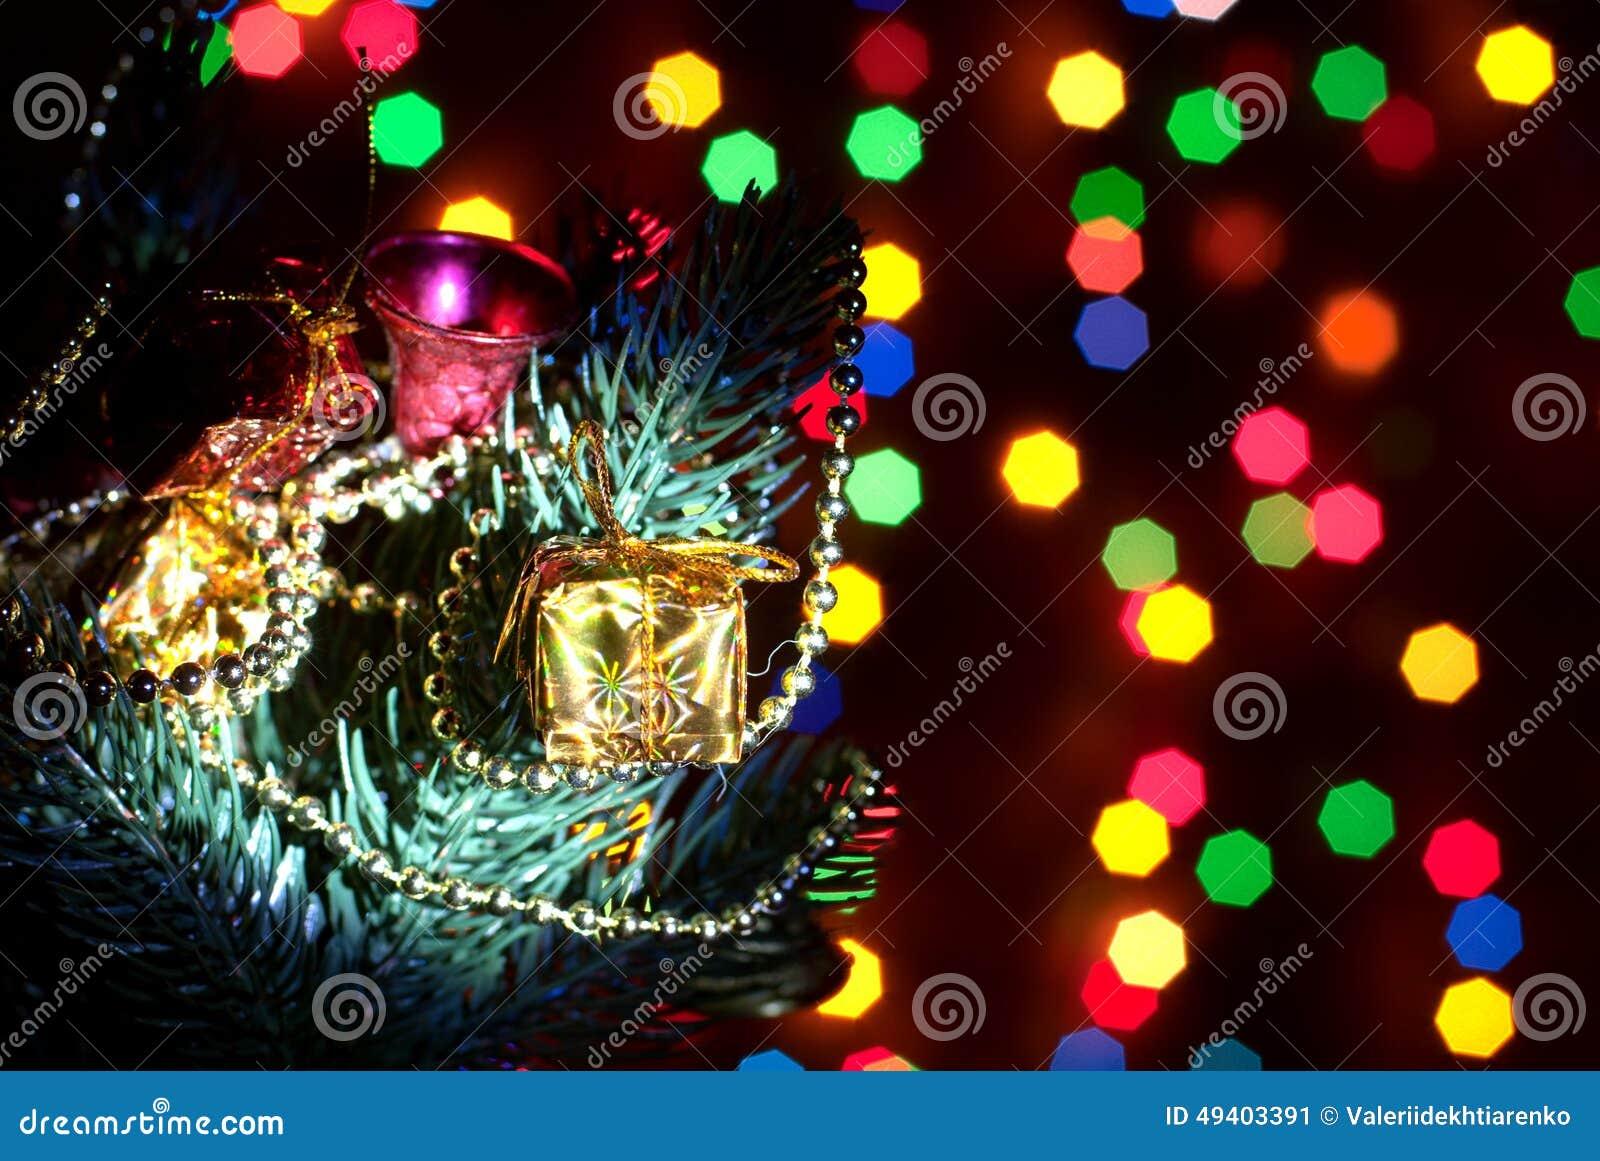 Download Ein Weihnachtsbaum Mit Spielwaren Mit Girlanden Von Bokeh Stockbild - Bild von dekoration, haupt: 49403391